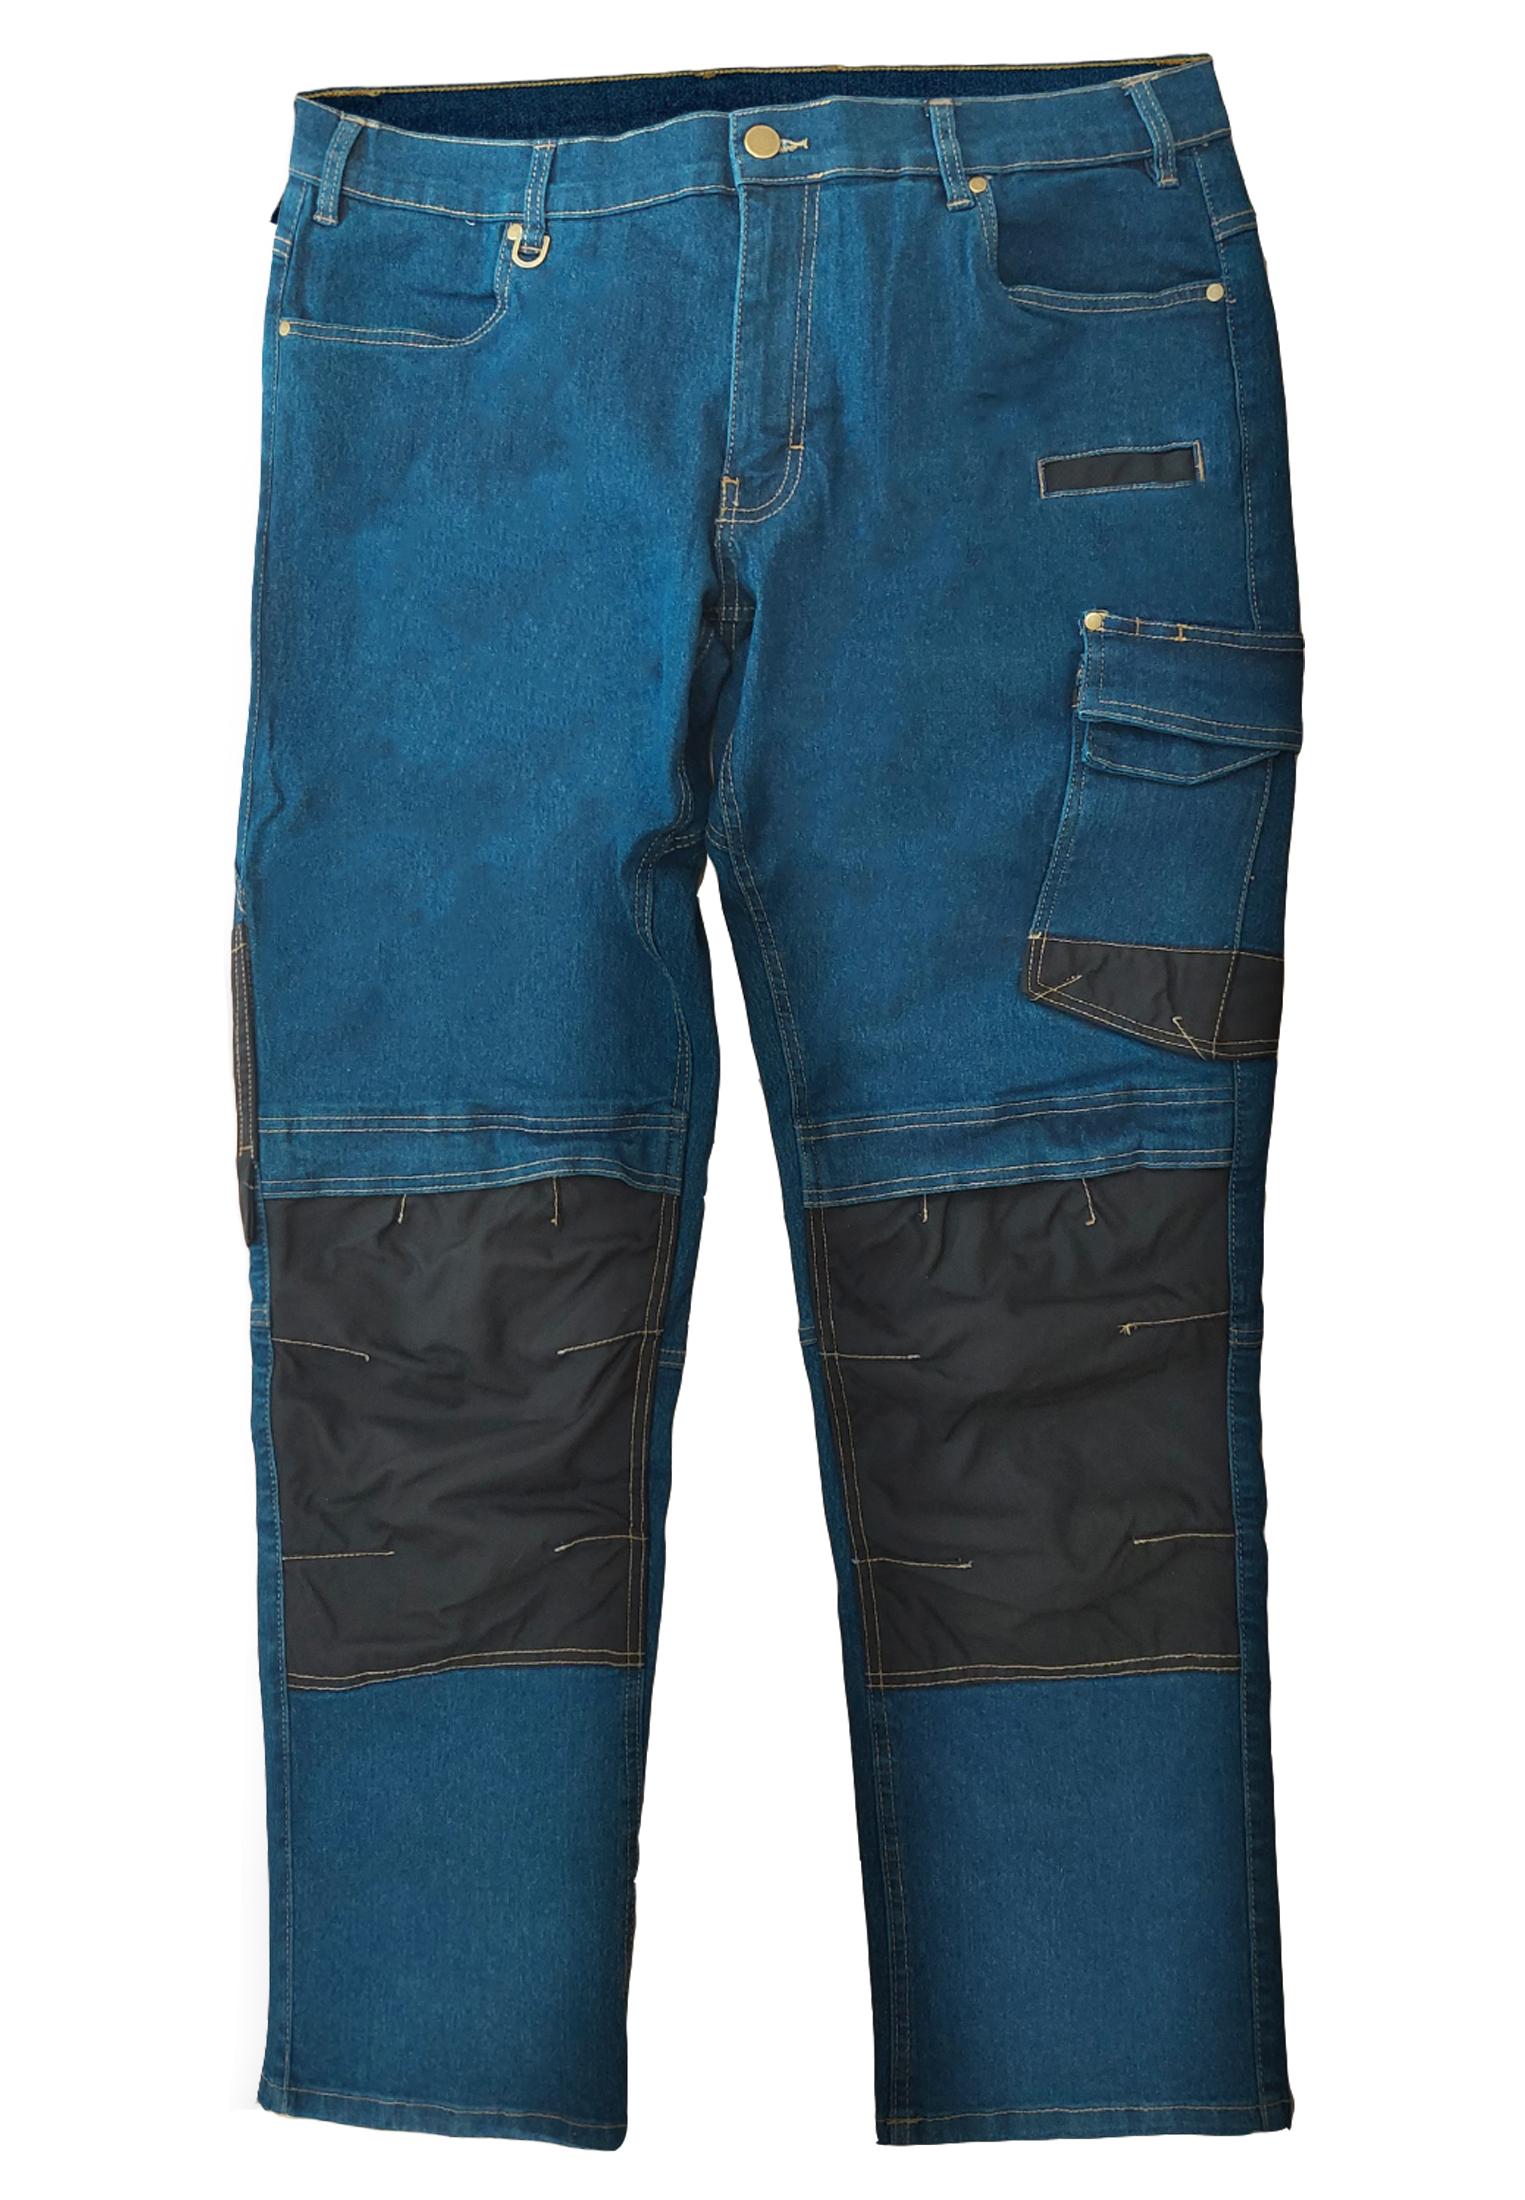 Worker Jeans van merk MELVINSI in de kleur denim bleu, gemaakt van 98% cotton 2% elasthaan. Bijzondere kwaliteit duurzame stretch jeans met Cordura 500D* versterking, kniebeschermerzakken, 2 grote achterzakken waarvan 1 uitgevoerd in robuust Cordura 500D* Meerdelige dijbeenzakken, steekzakken, telefoonzakje, duimstokzak. Comfortabele rechte pijpen. De pijpen zijn aan de achterzijde voorzien van een reflecterende band om de zichtbaarheid in het donker te vergroten. * Cordura wordt gemaakt uit nylon 6,6-vezels en het algemene kenmerk is dat de stof tegen zware belastingen bestand is. Het materiaal is bestand tegen abrasieve invloeden (slijtage door schuren), scheuren en bestendig tegen ruwe behandeling. In de kniebeschermerzakken is ruimte voor losse kniebeschermers.